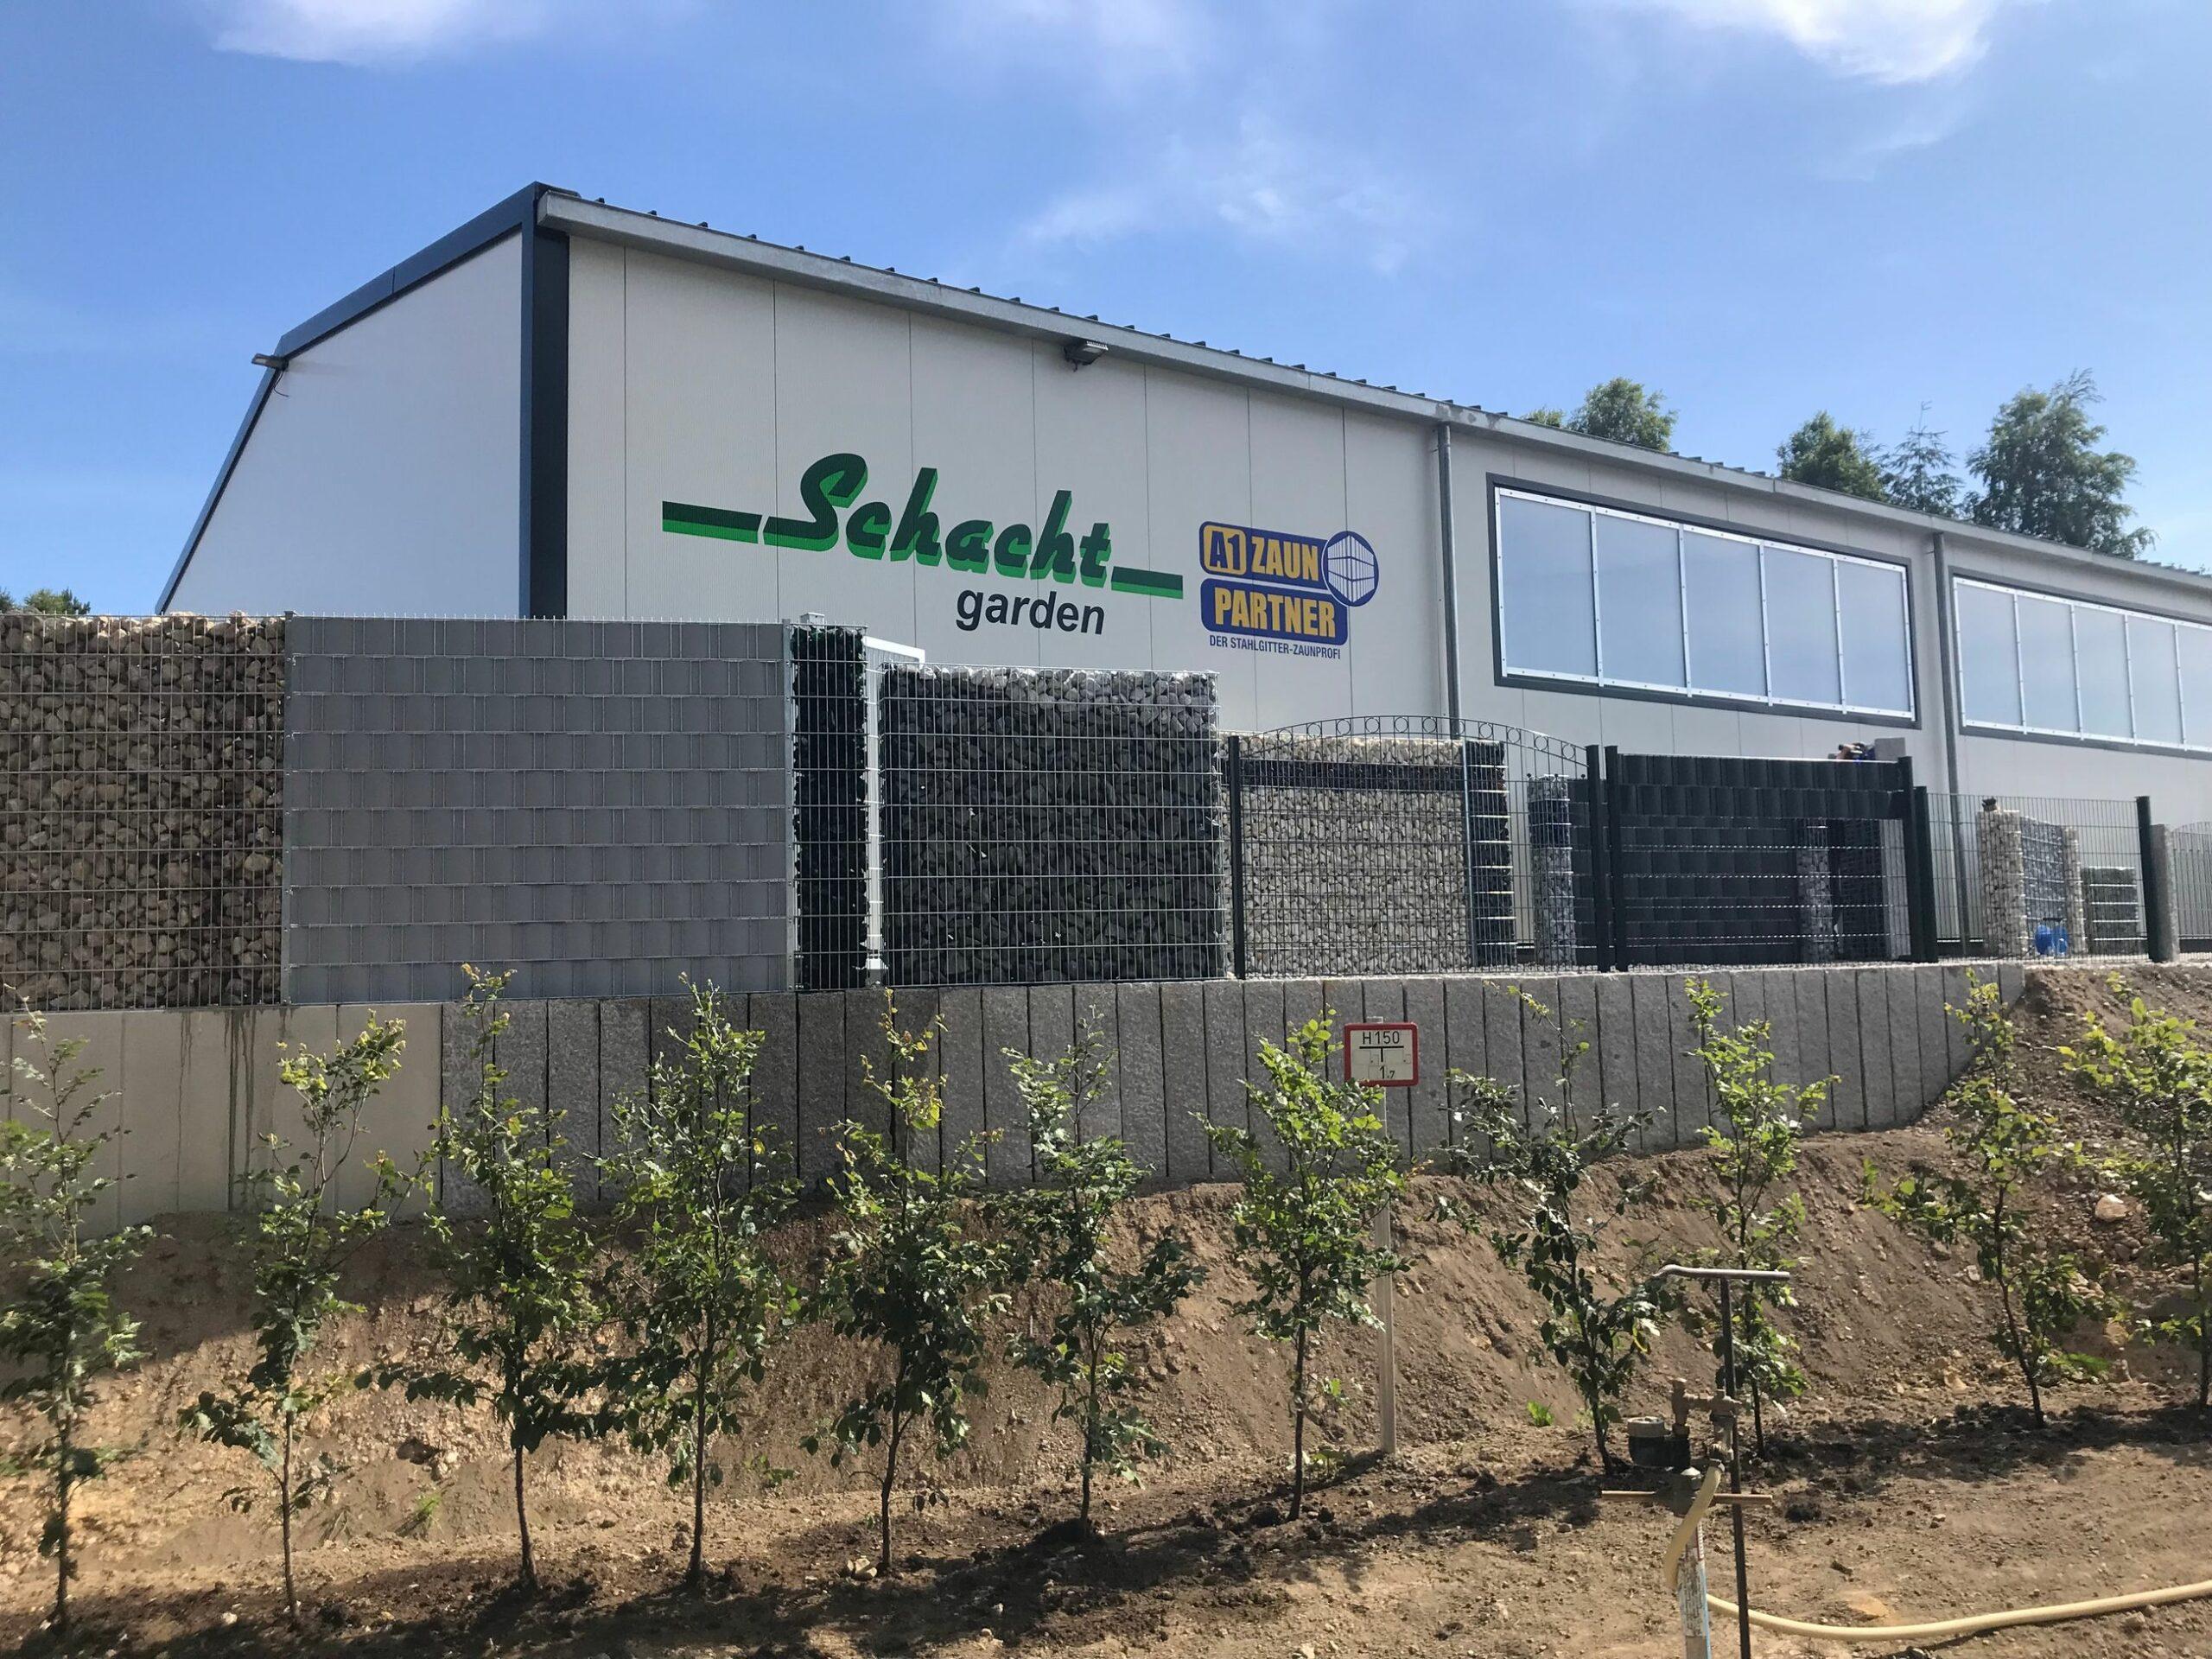 Schacht garden Logistikzentrum Frontansicht mit 24h Zaunausstellung